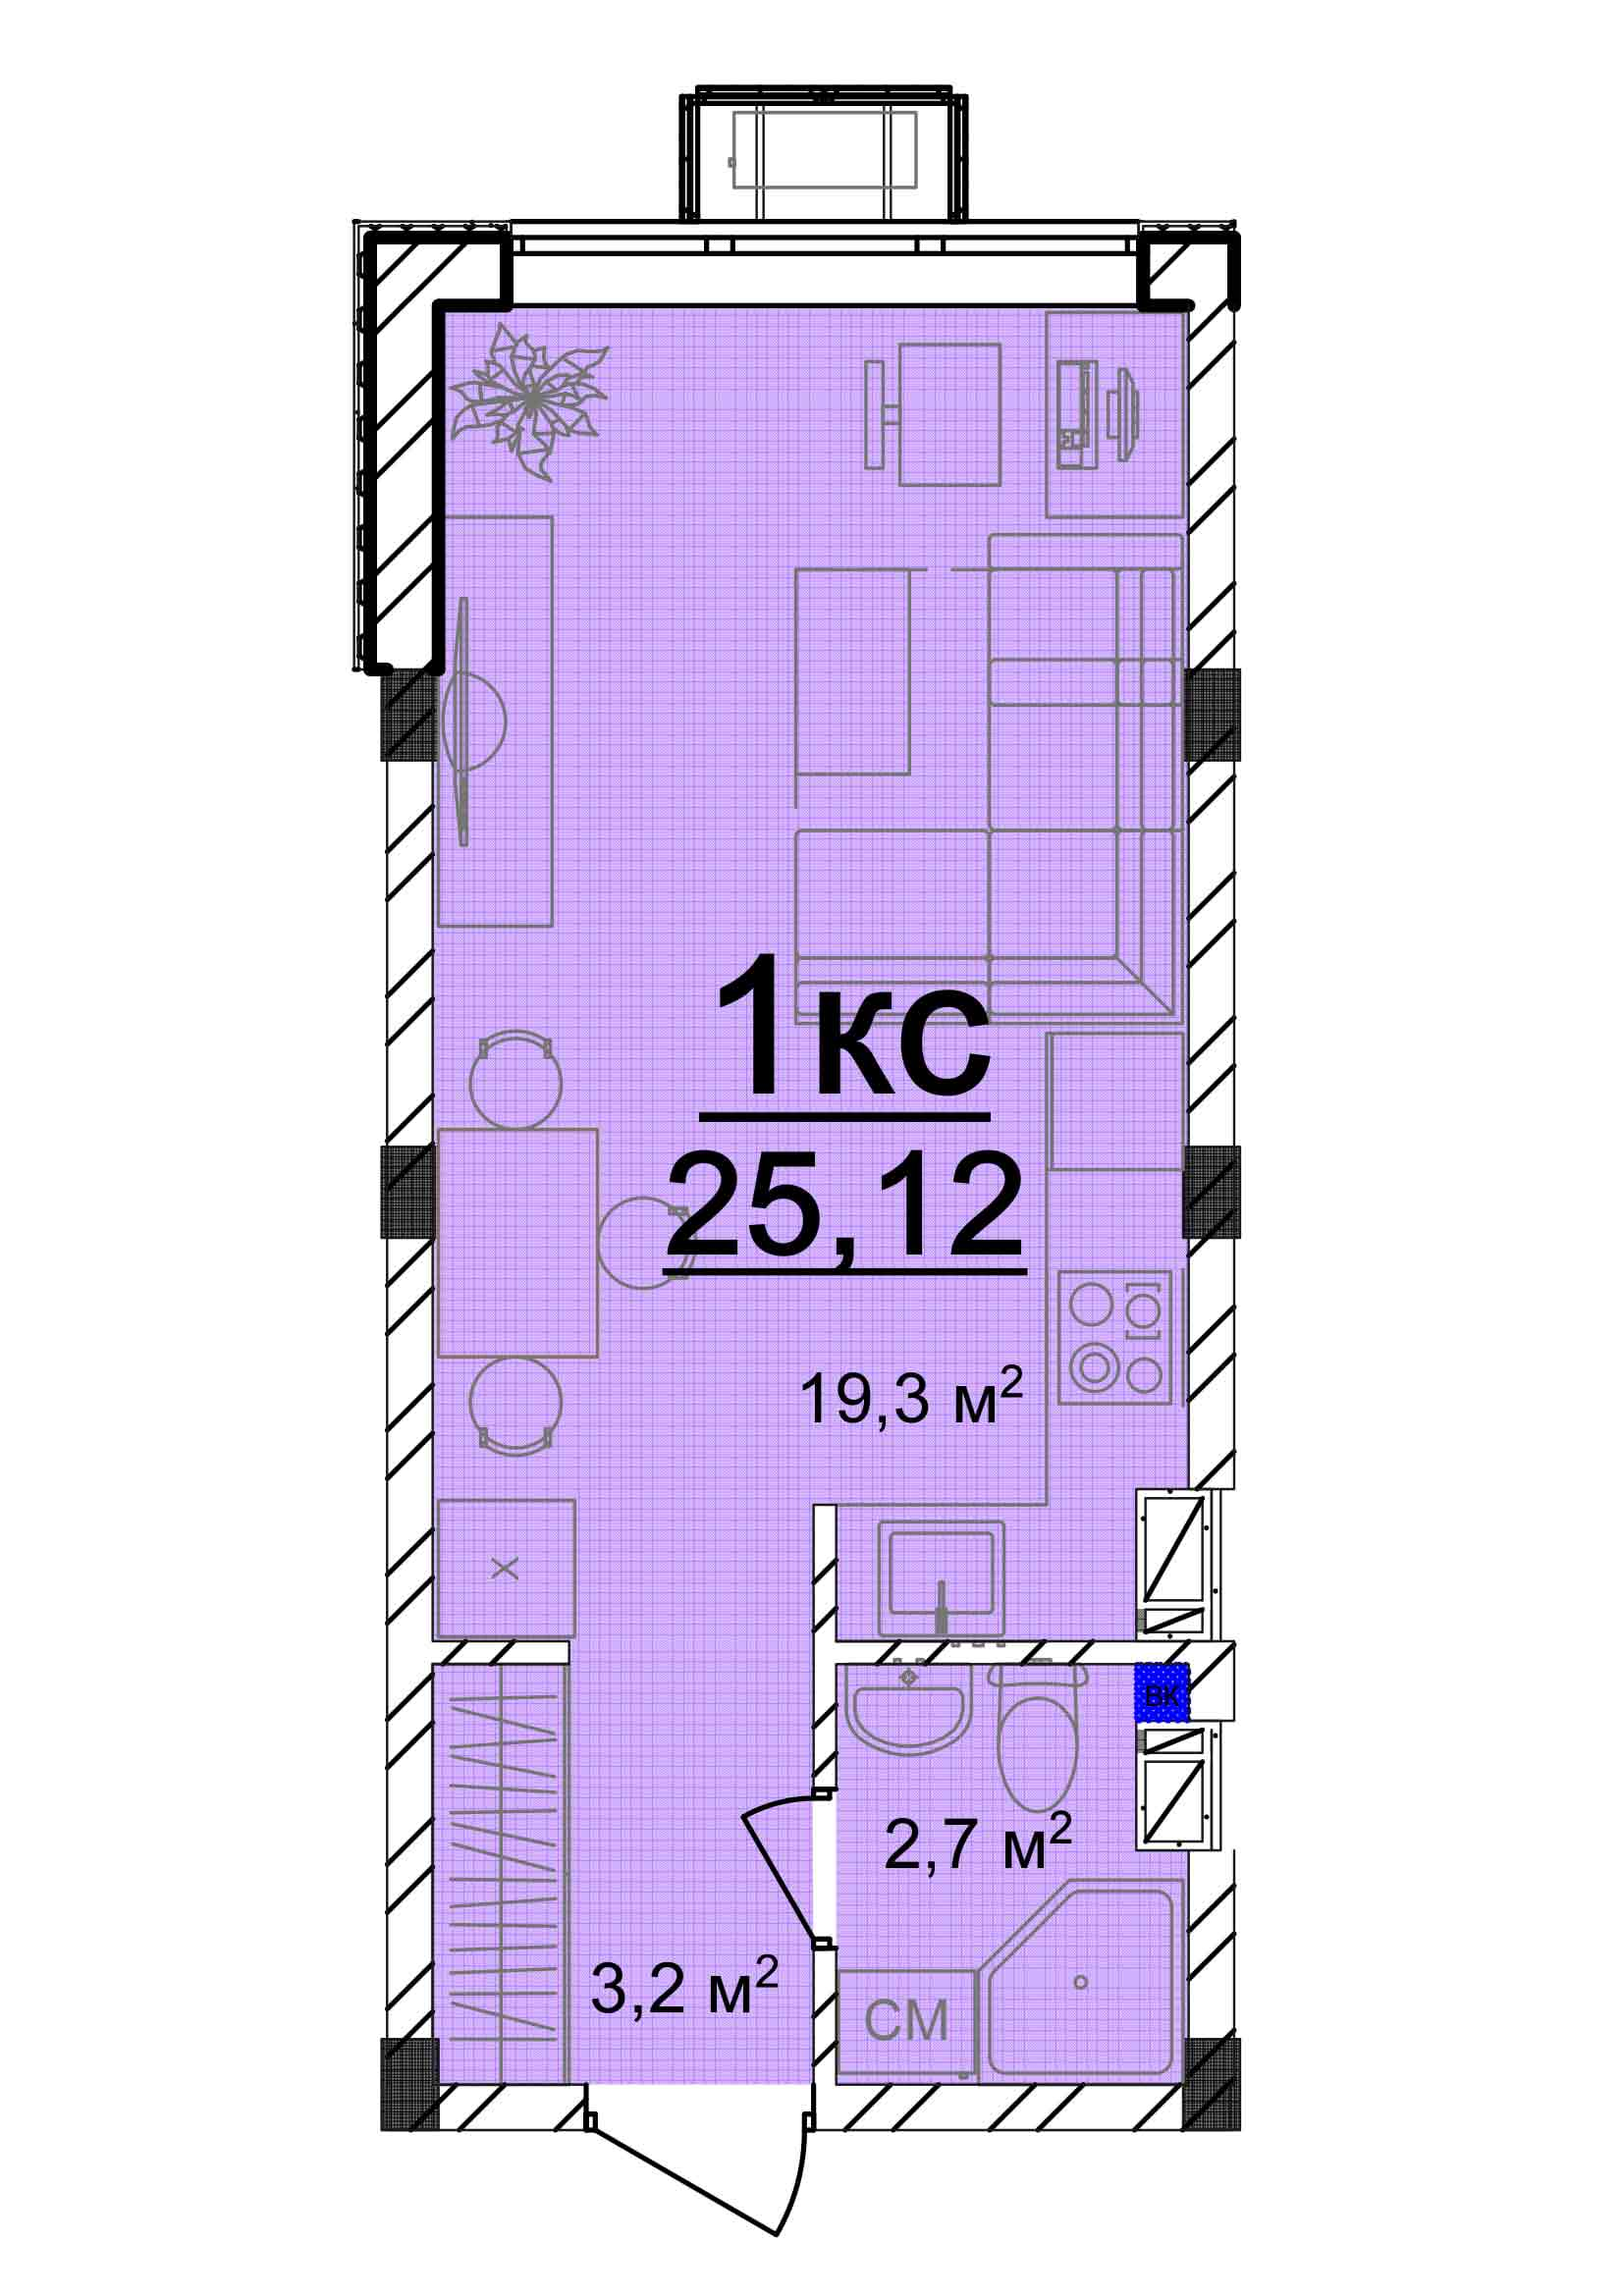 Однокомнатная - ЖК Мариинский$11053Площадь:25.12m²